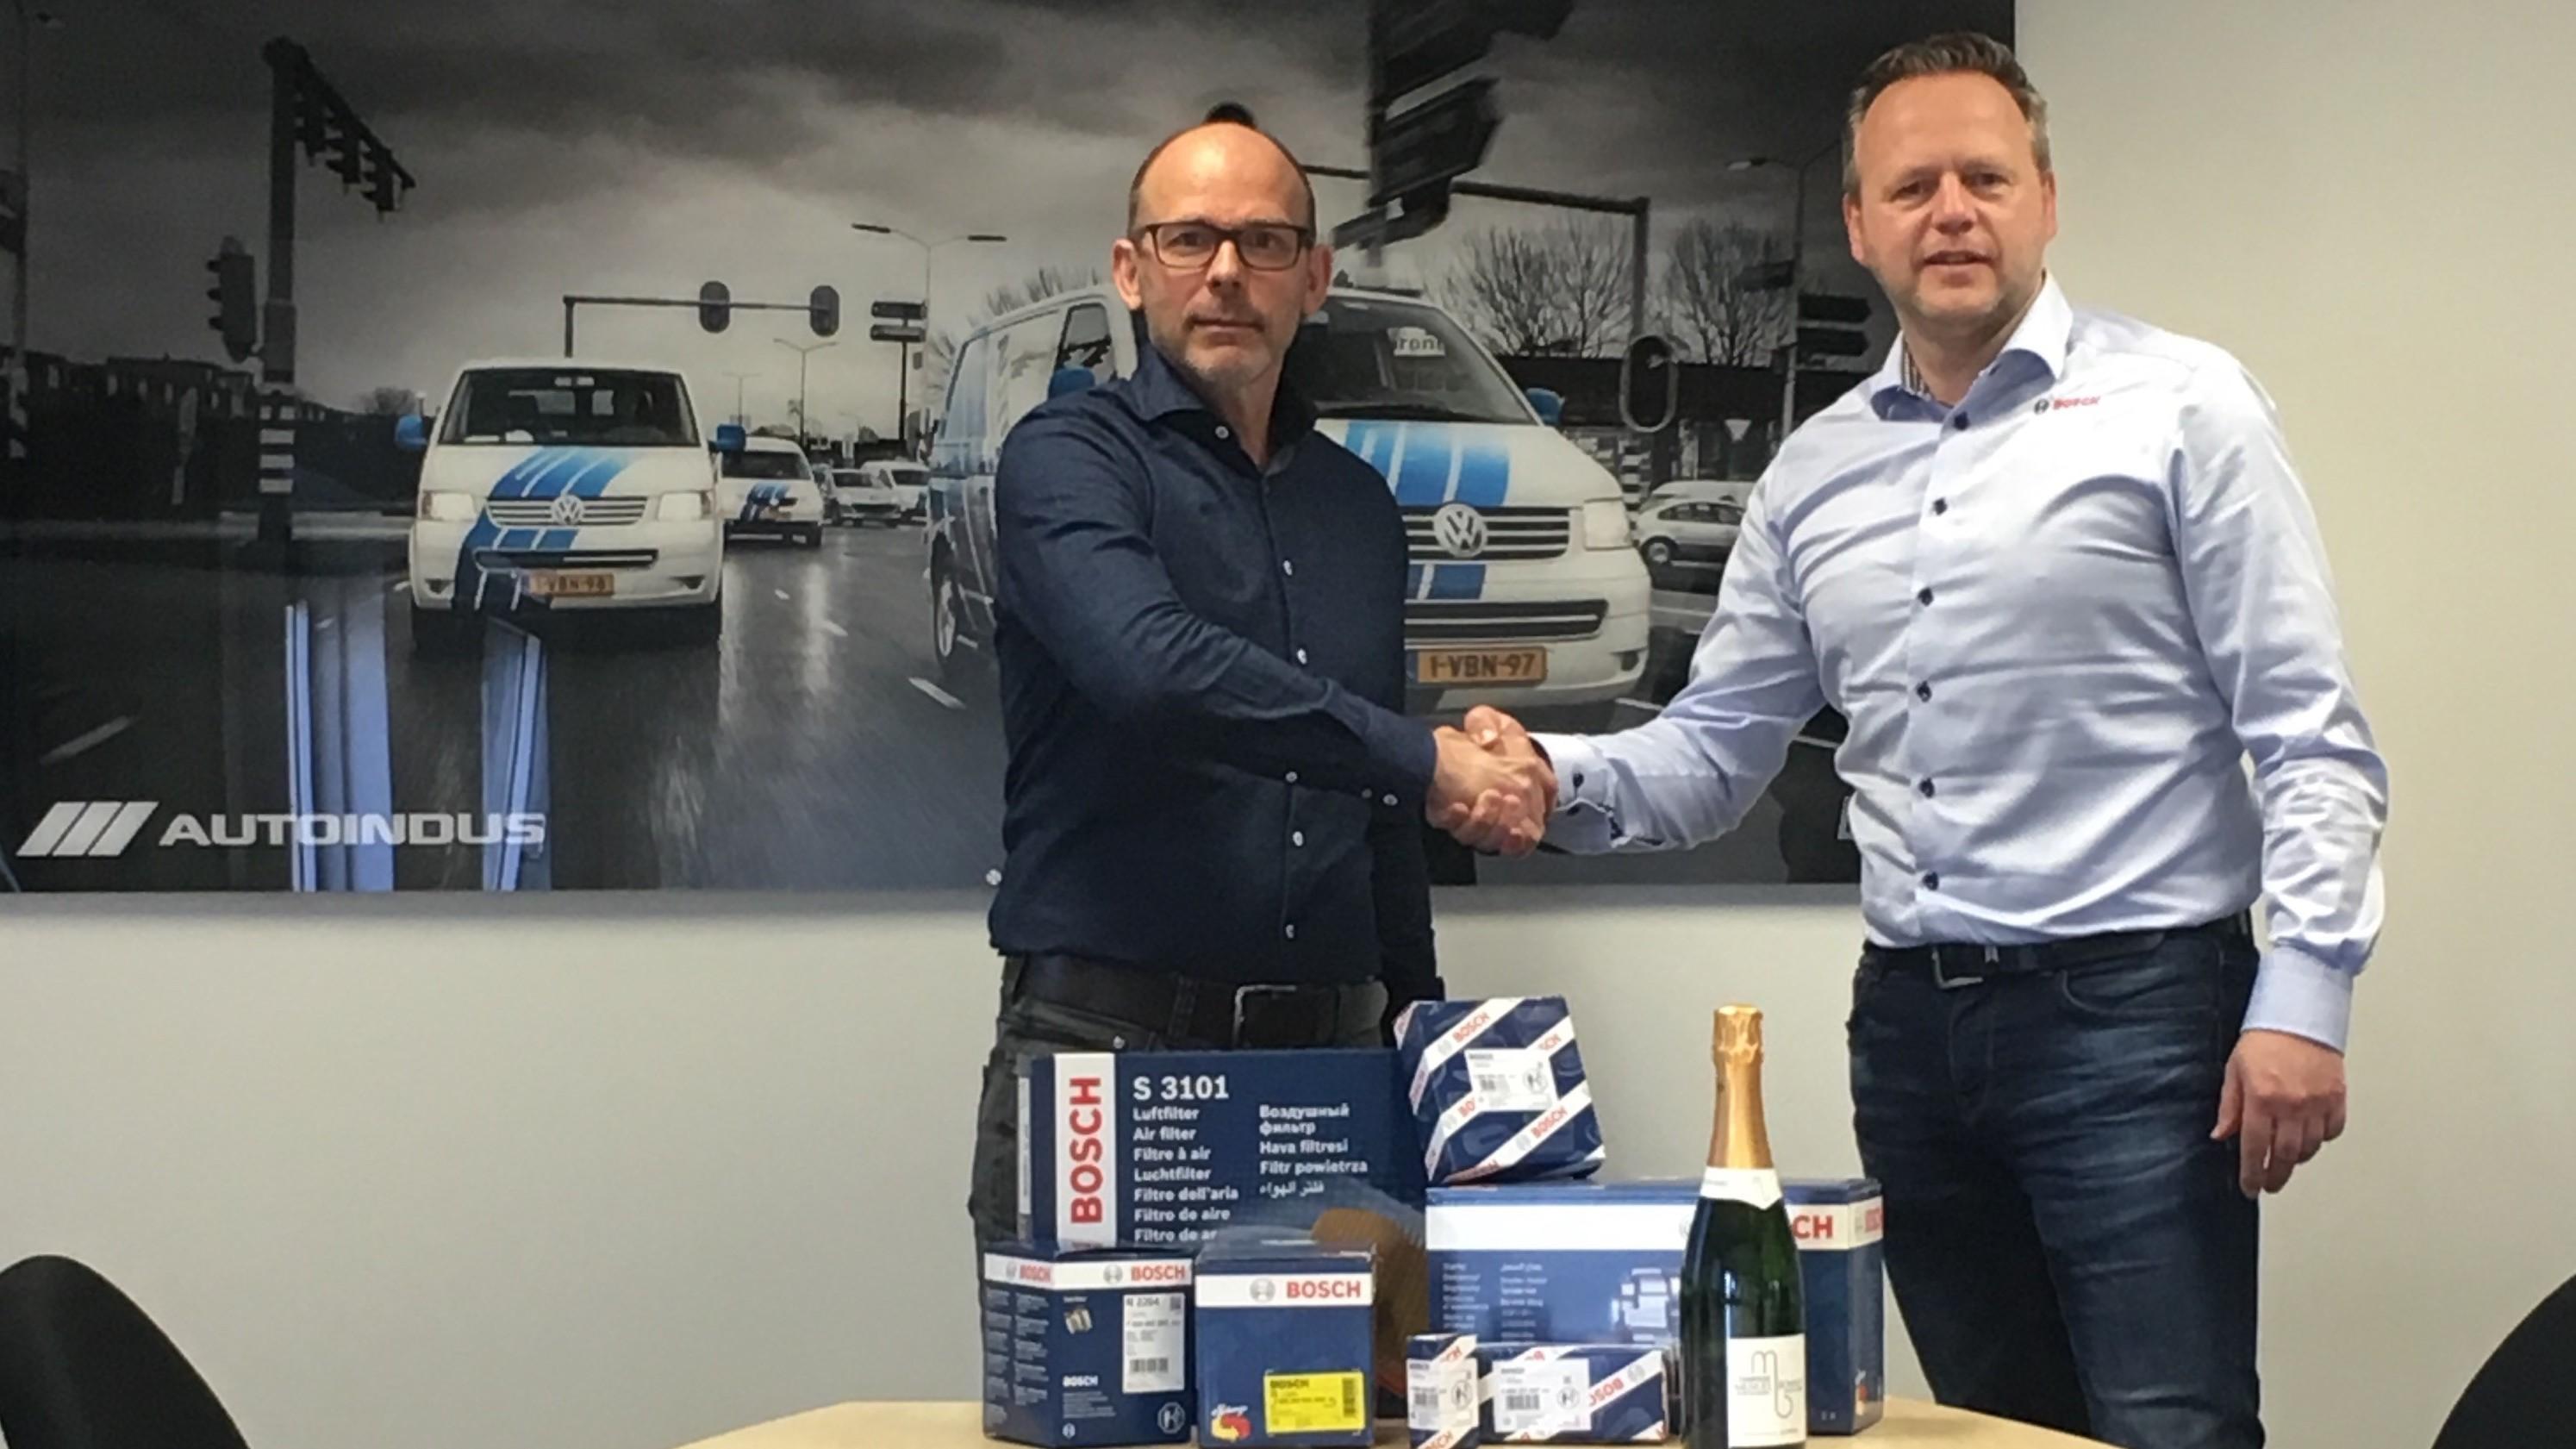 Dick Kamstra van AutoIndus en Han Overweg van Robert Bosch Nederland